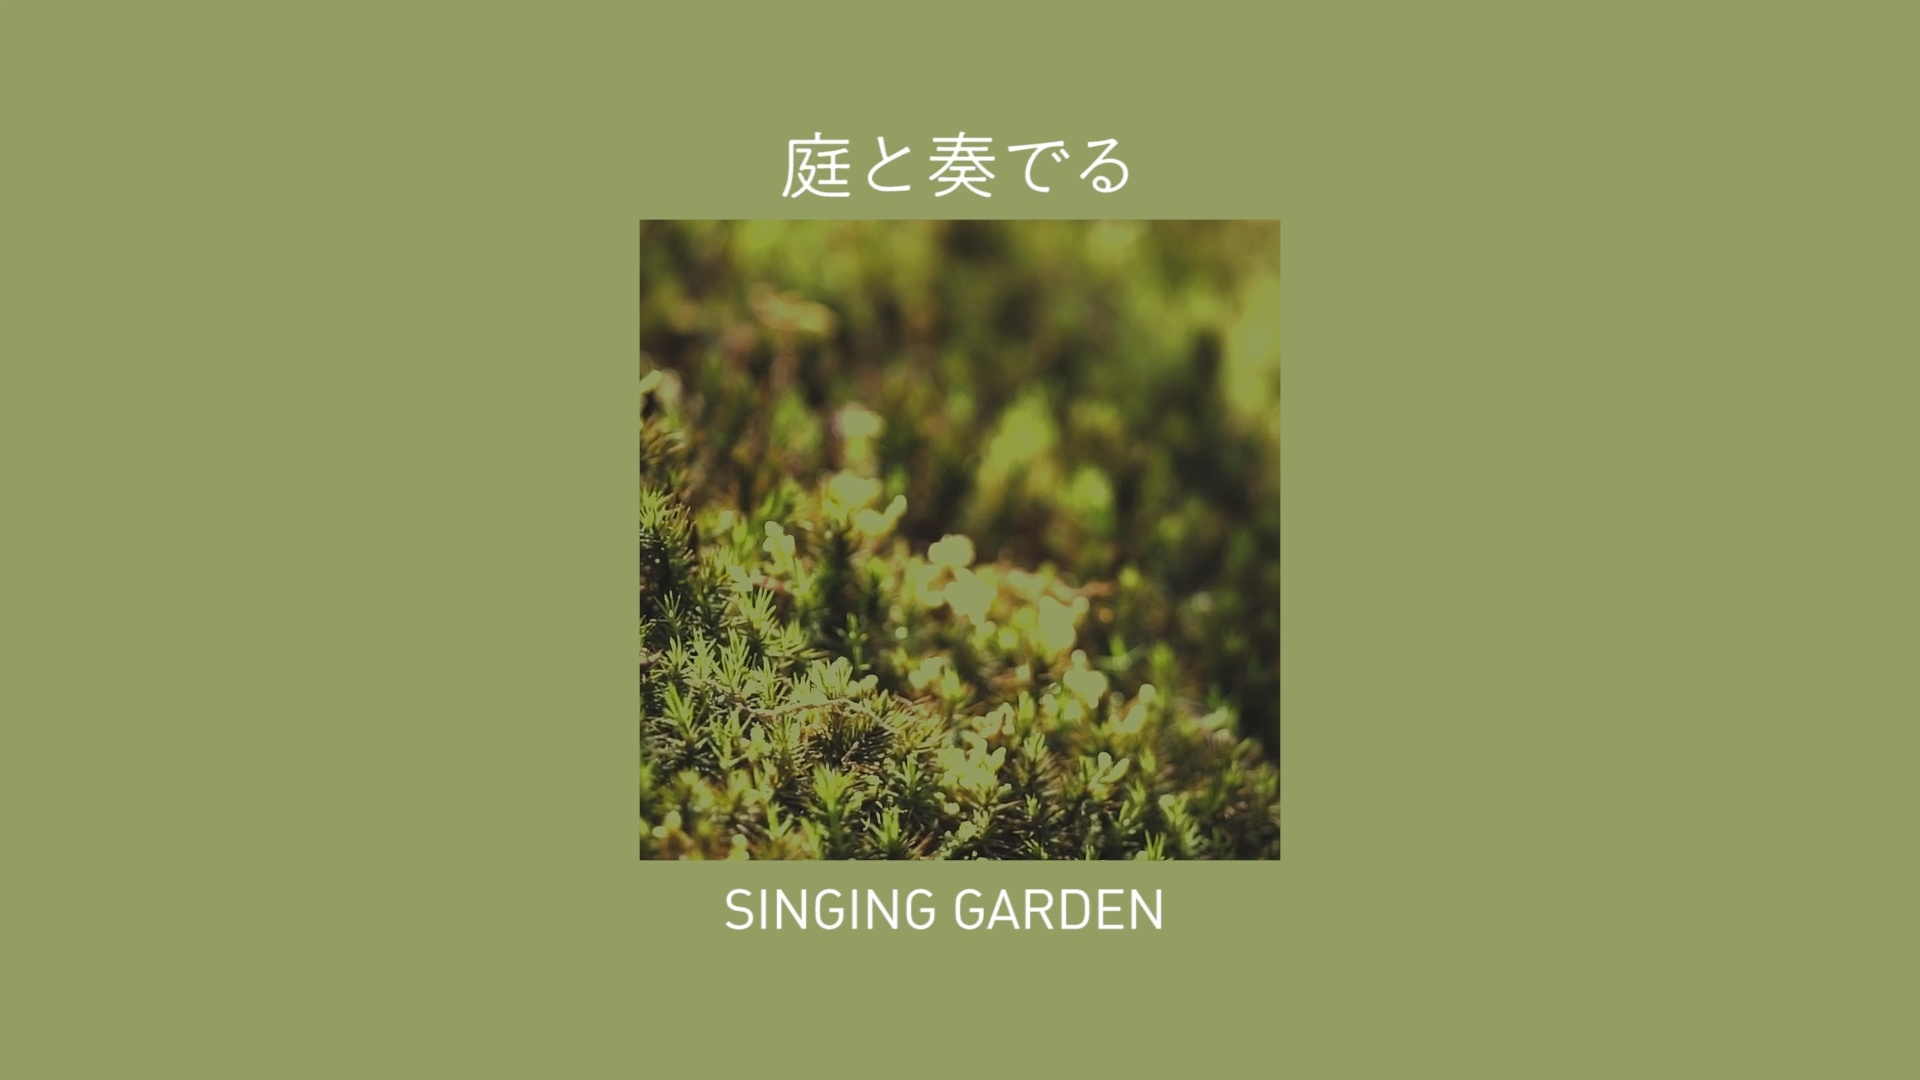 庭と奏でる [Singing Garden] 006